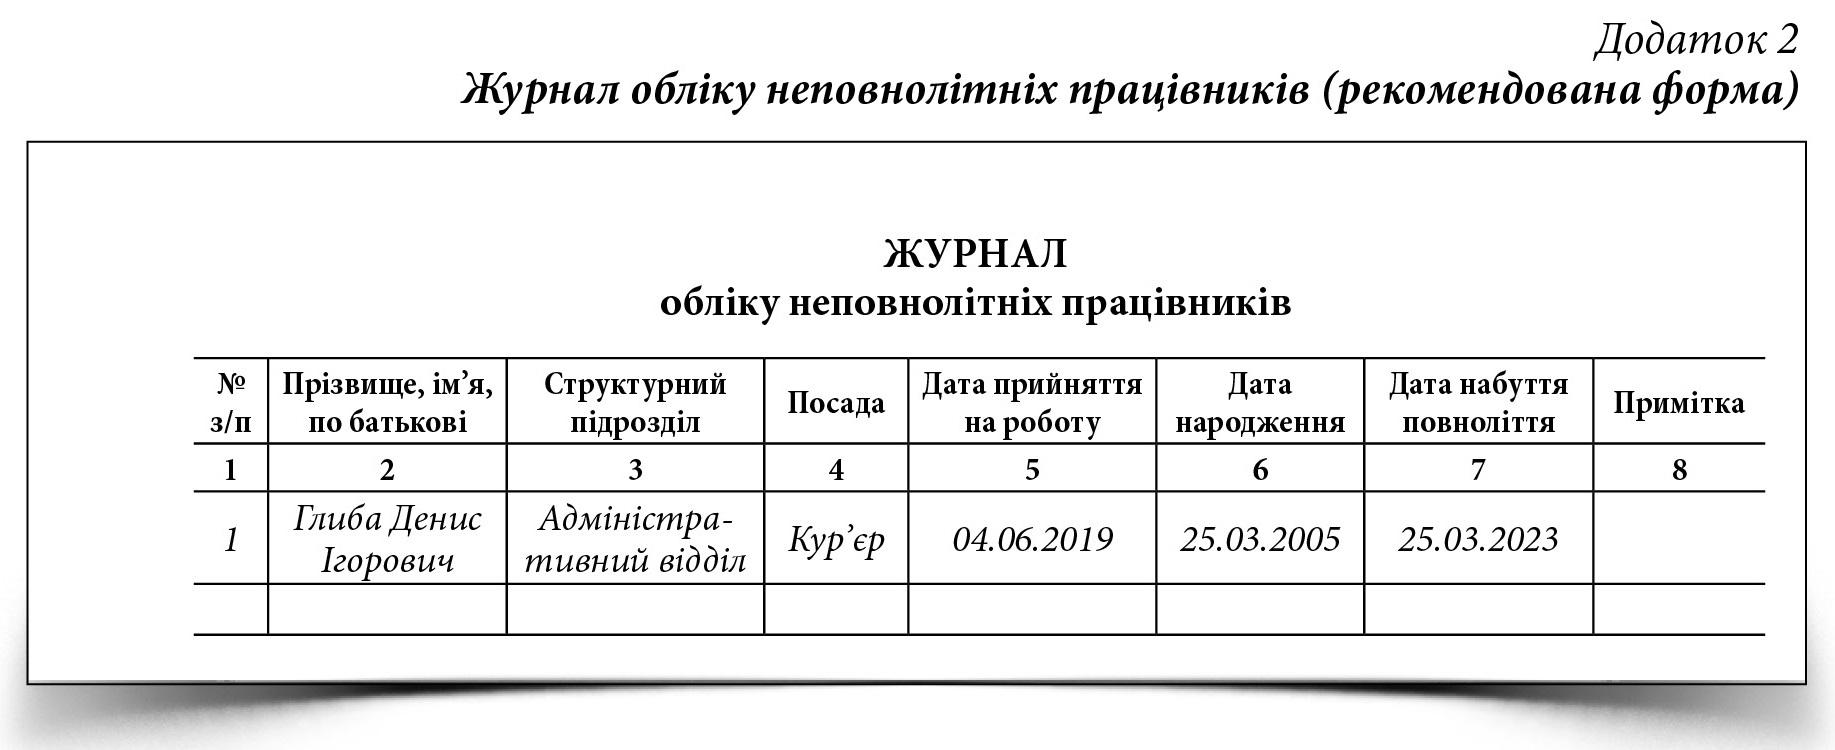 https://e.profkiosk.ru/service_tbn2/vk4hv_.jpg